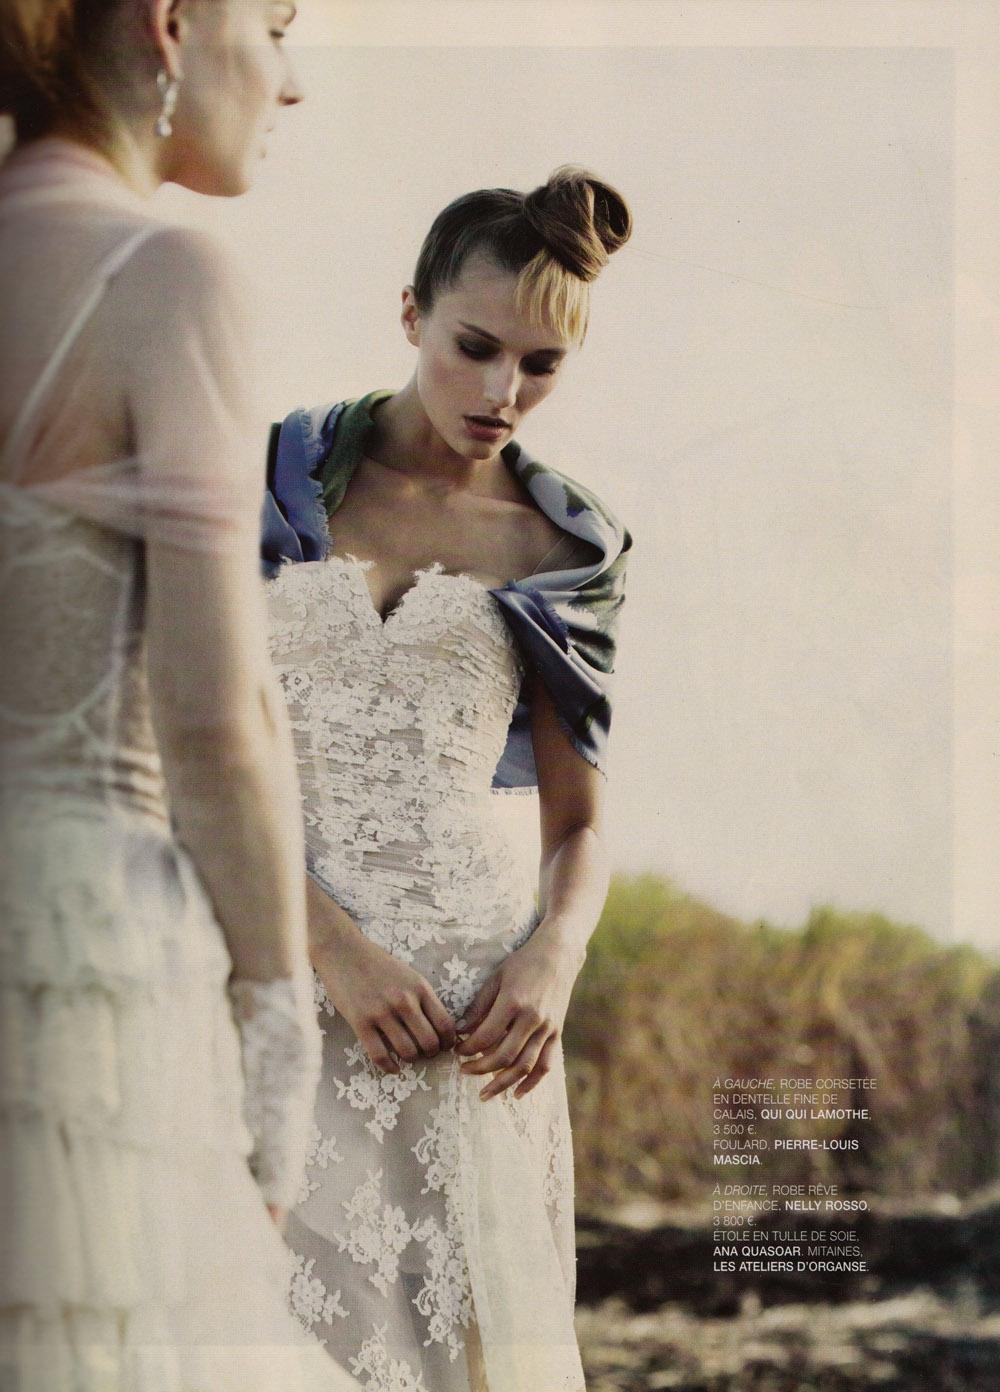 mariages-magazine-quiqui-lamothe-creatrice-designer-de-robe-de-mariee-bustier-dentelle-calais-coutur